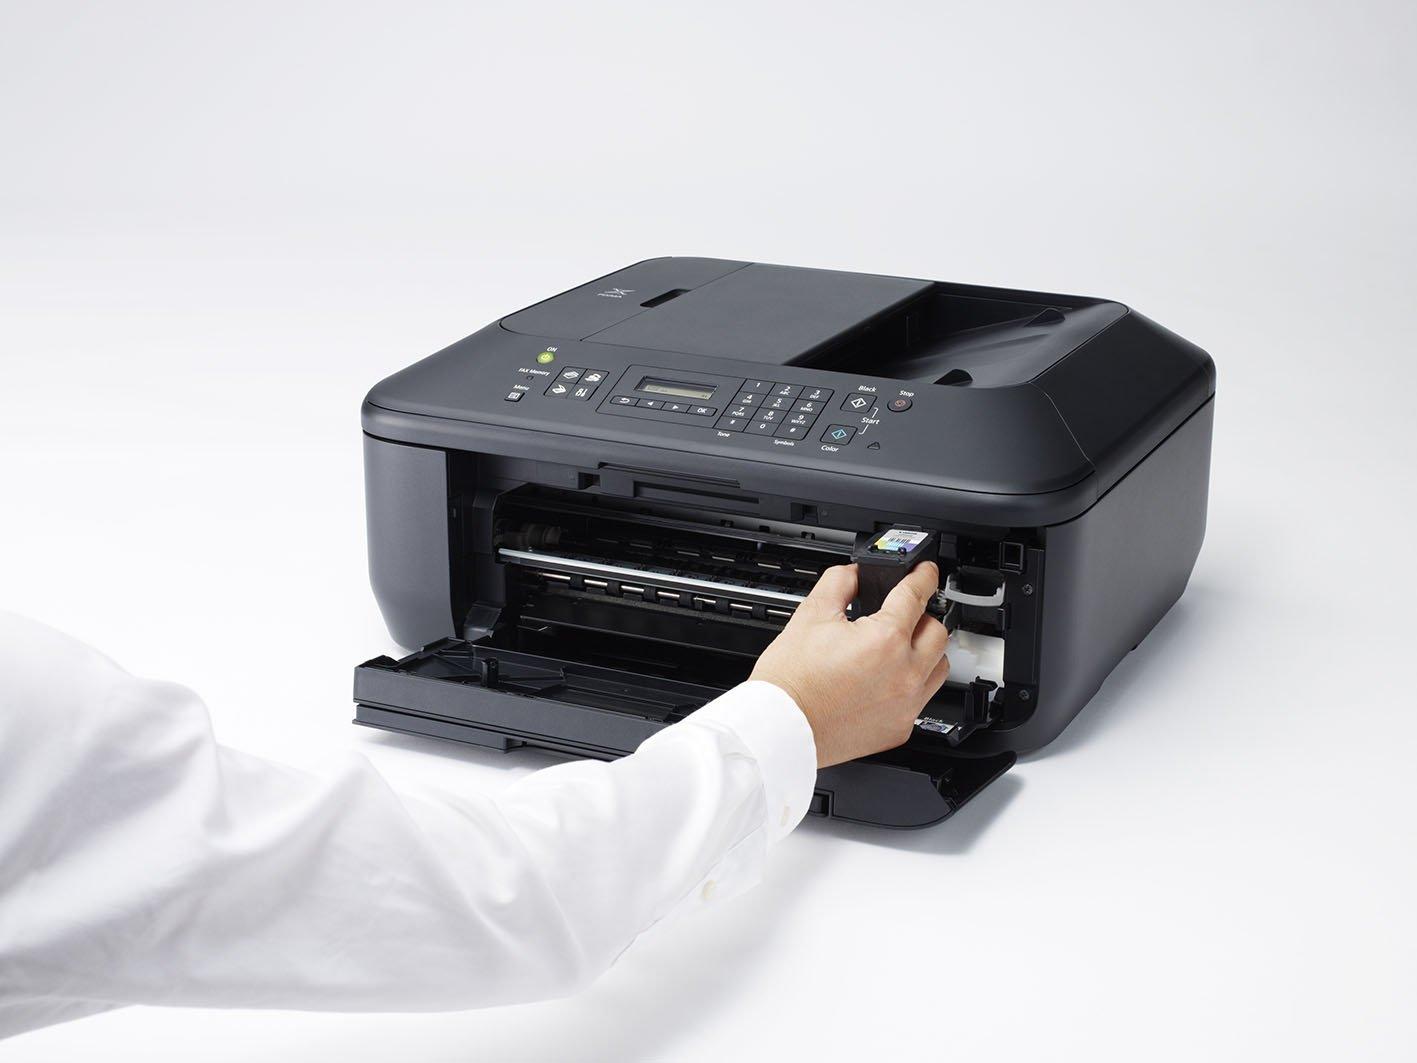 Скачать драйвера на принтер canon mx394 бесплатно